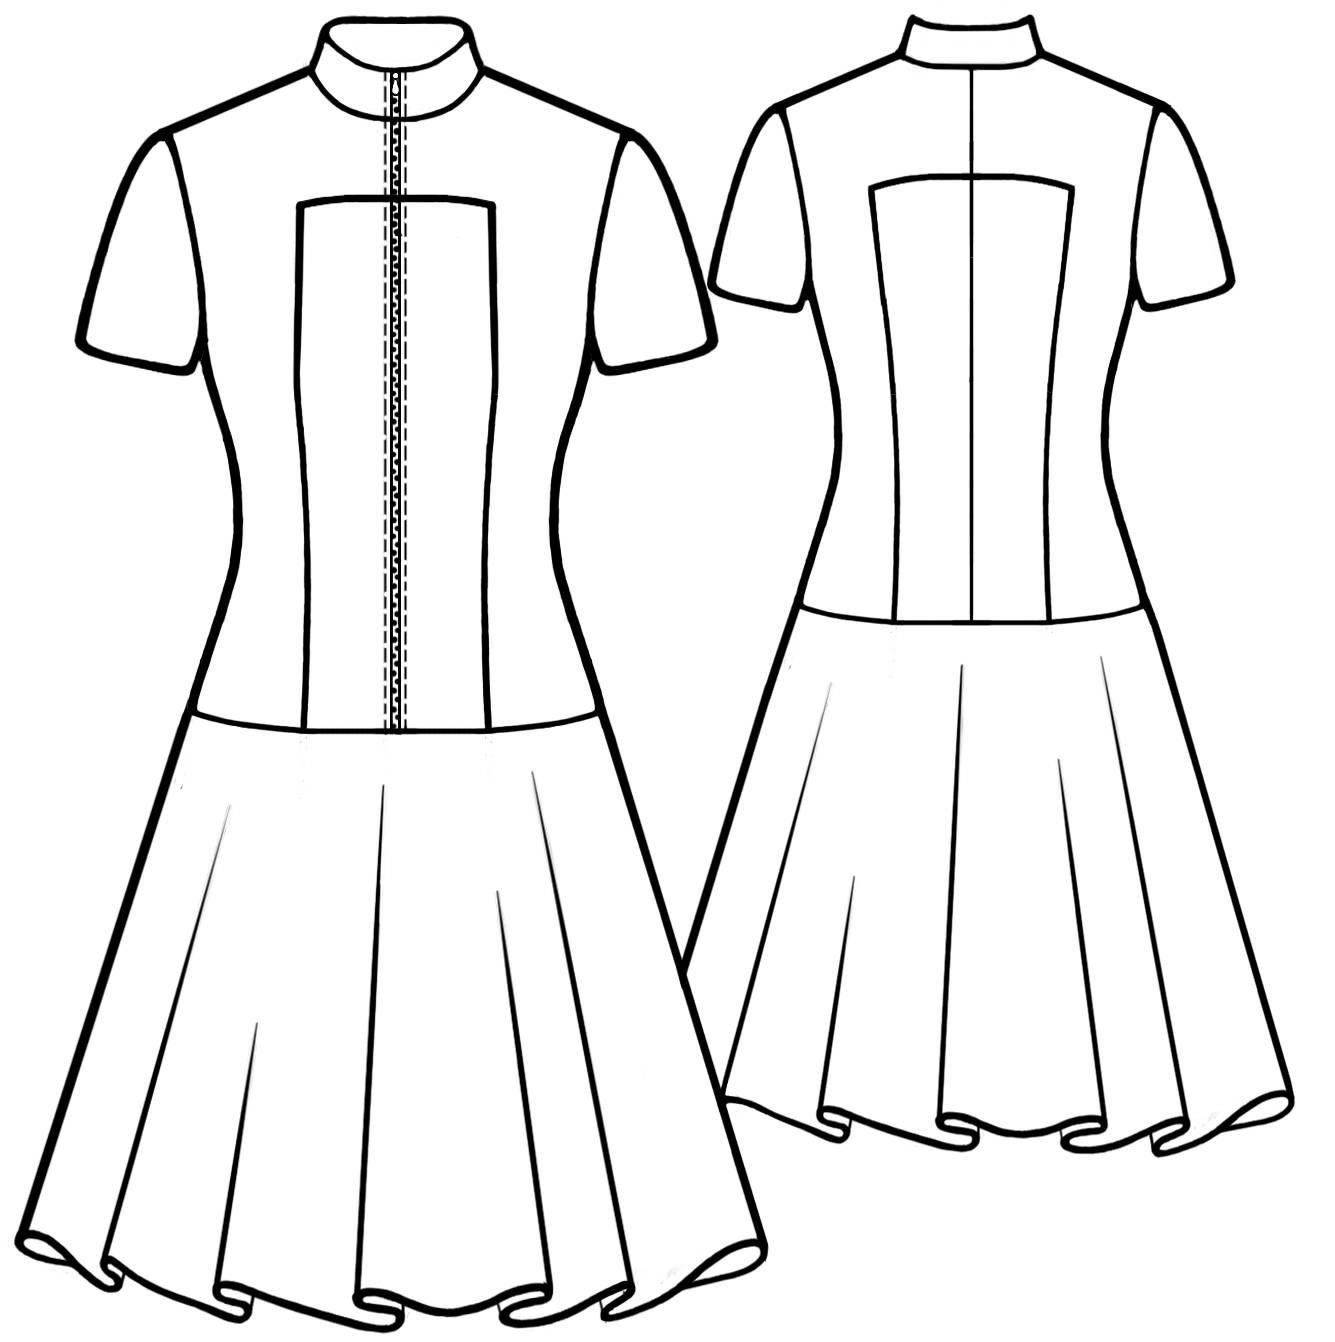 1335x1342 Short Sleeved Dress With Zipper